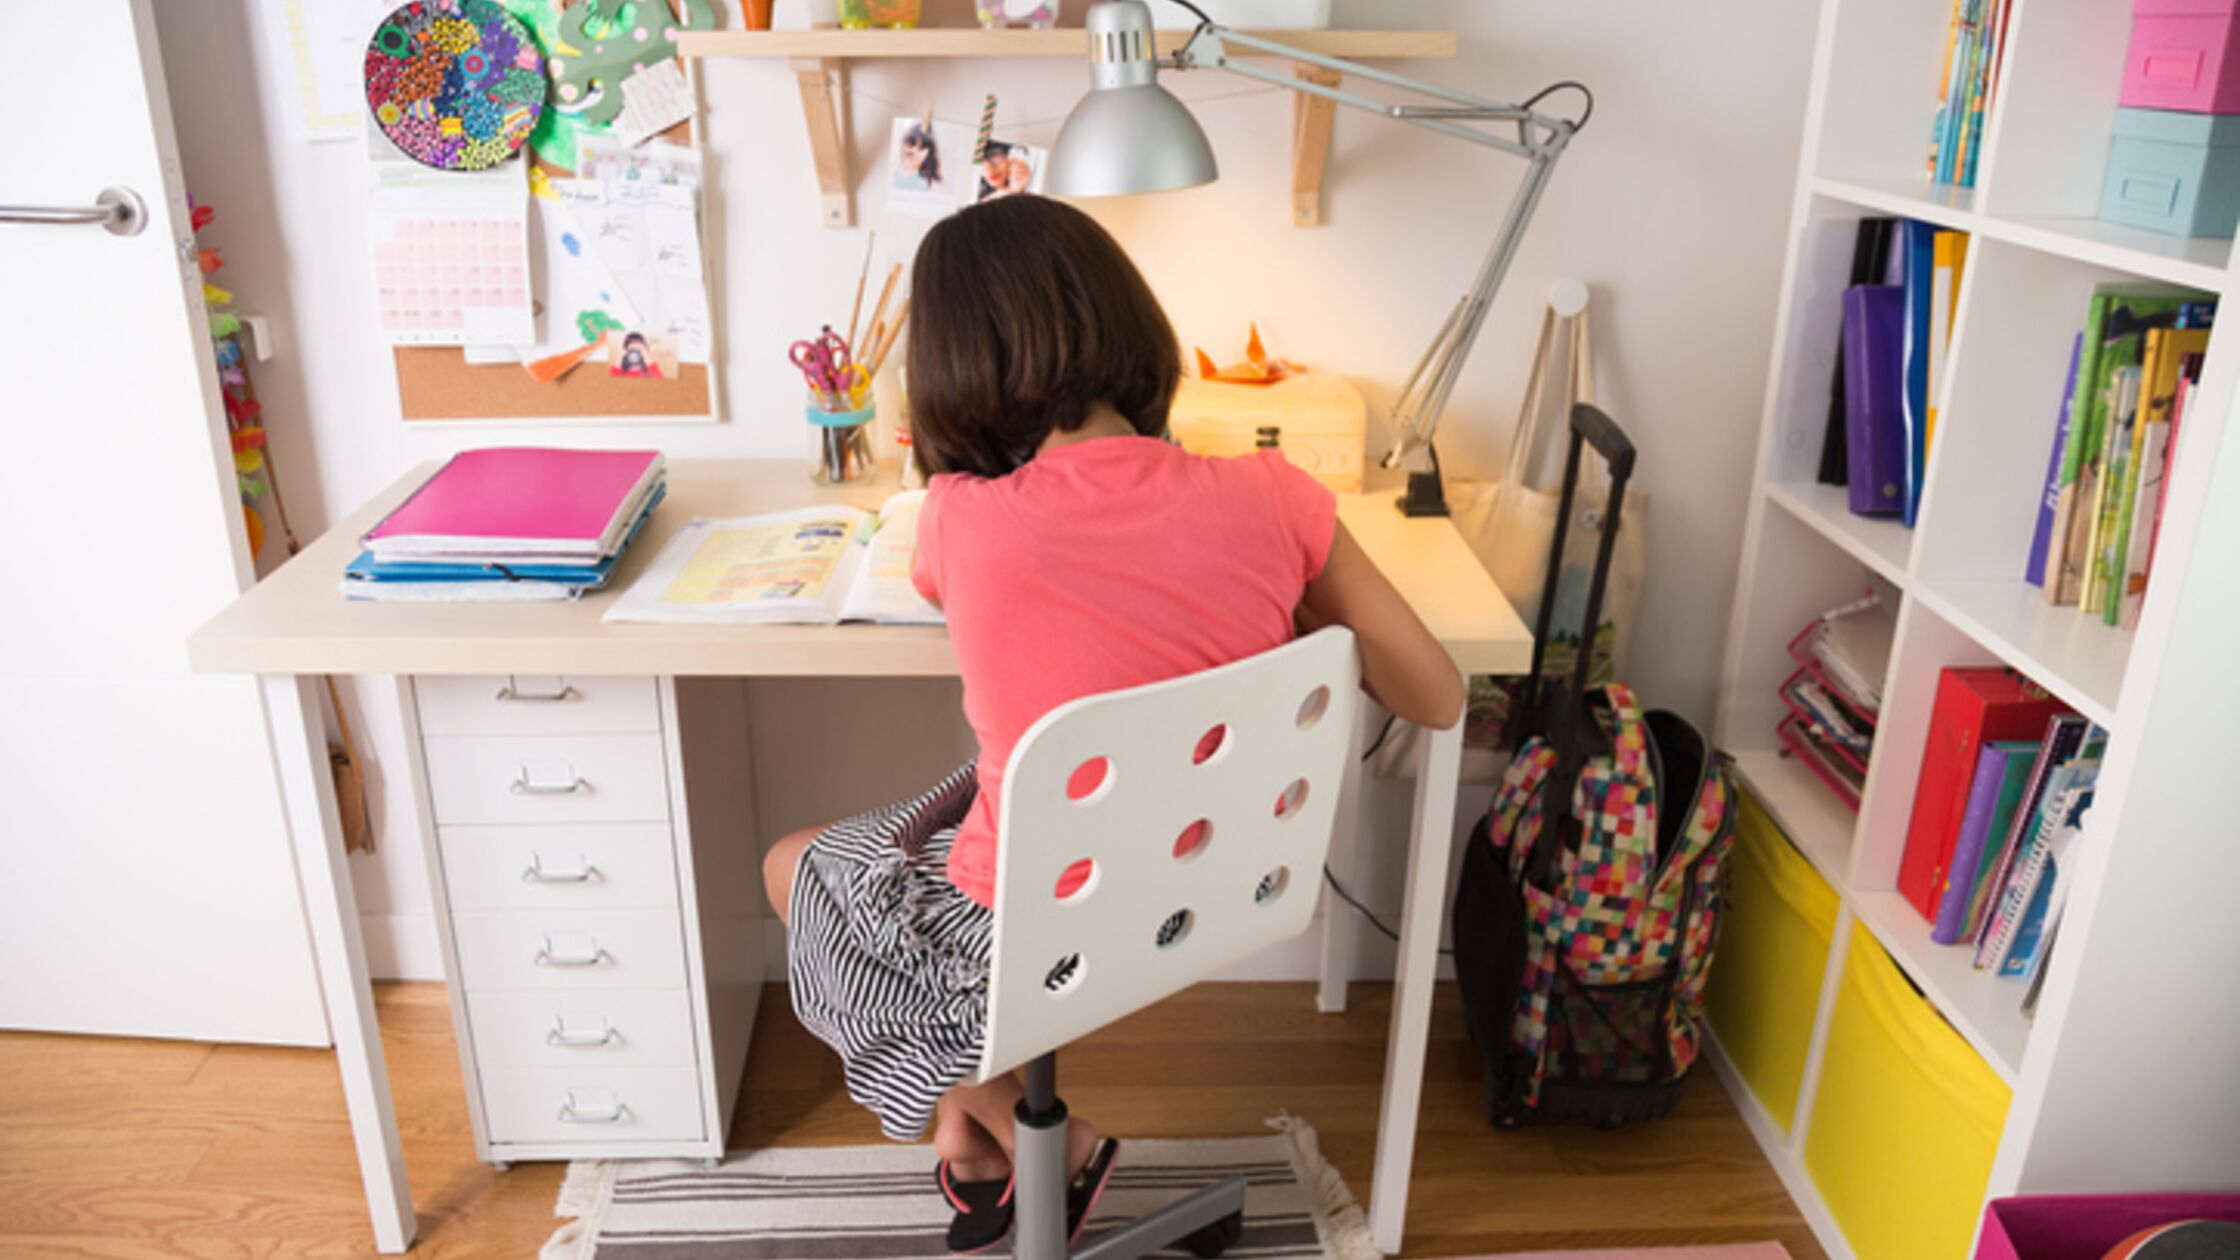 Mädchen sitzt am Schreibtisch